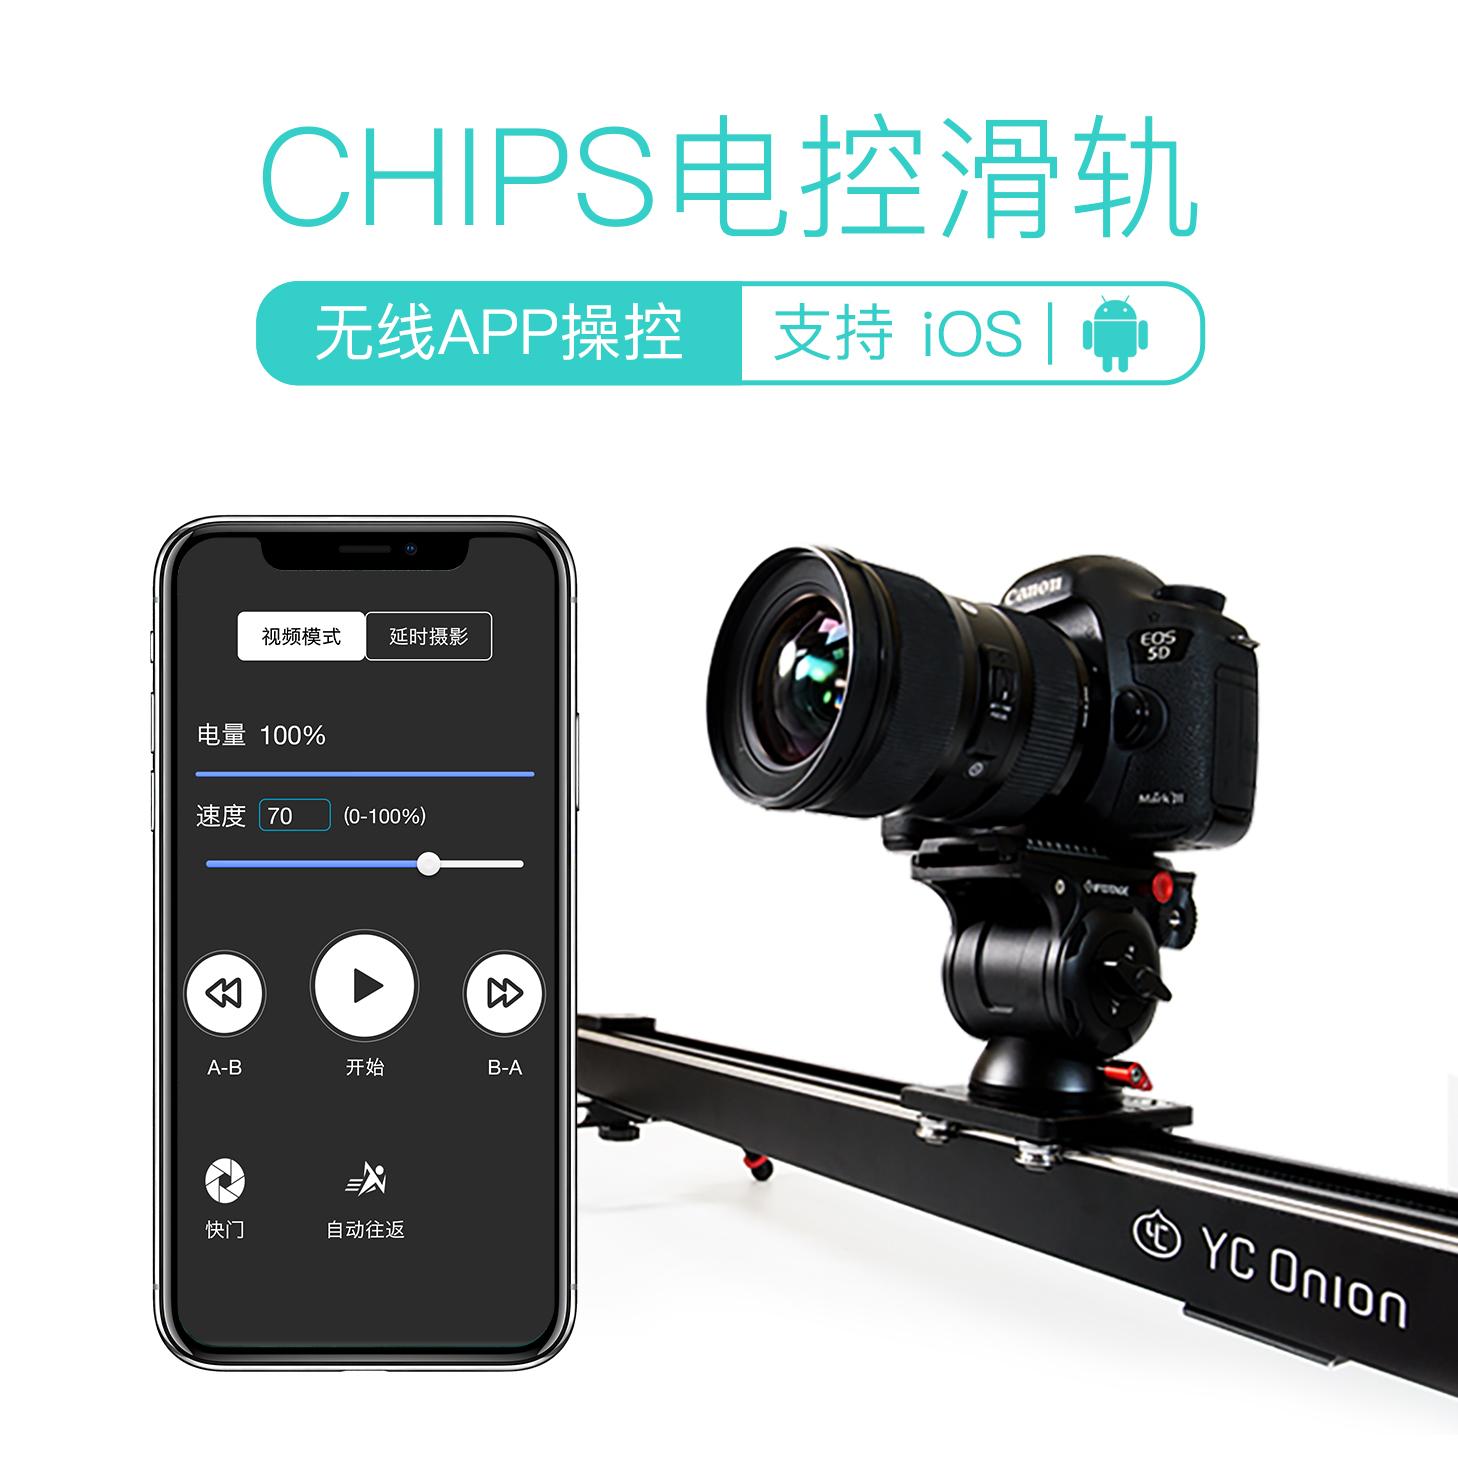 Купить Цифровая техника в Китае, в интернет магазине таобао на русском языке